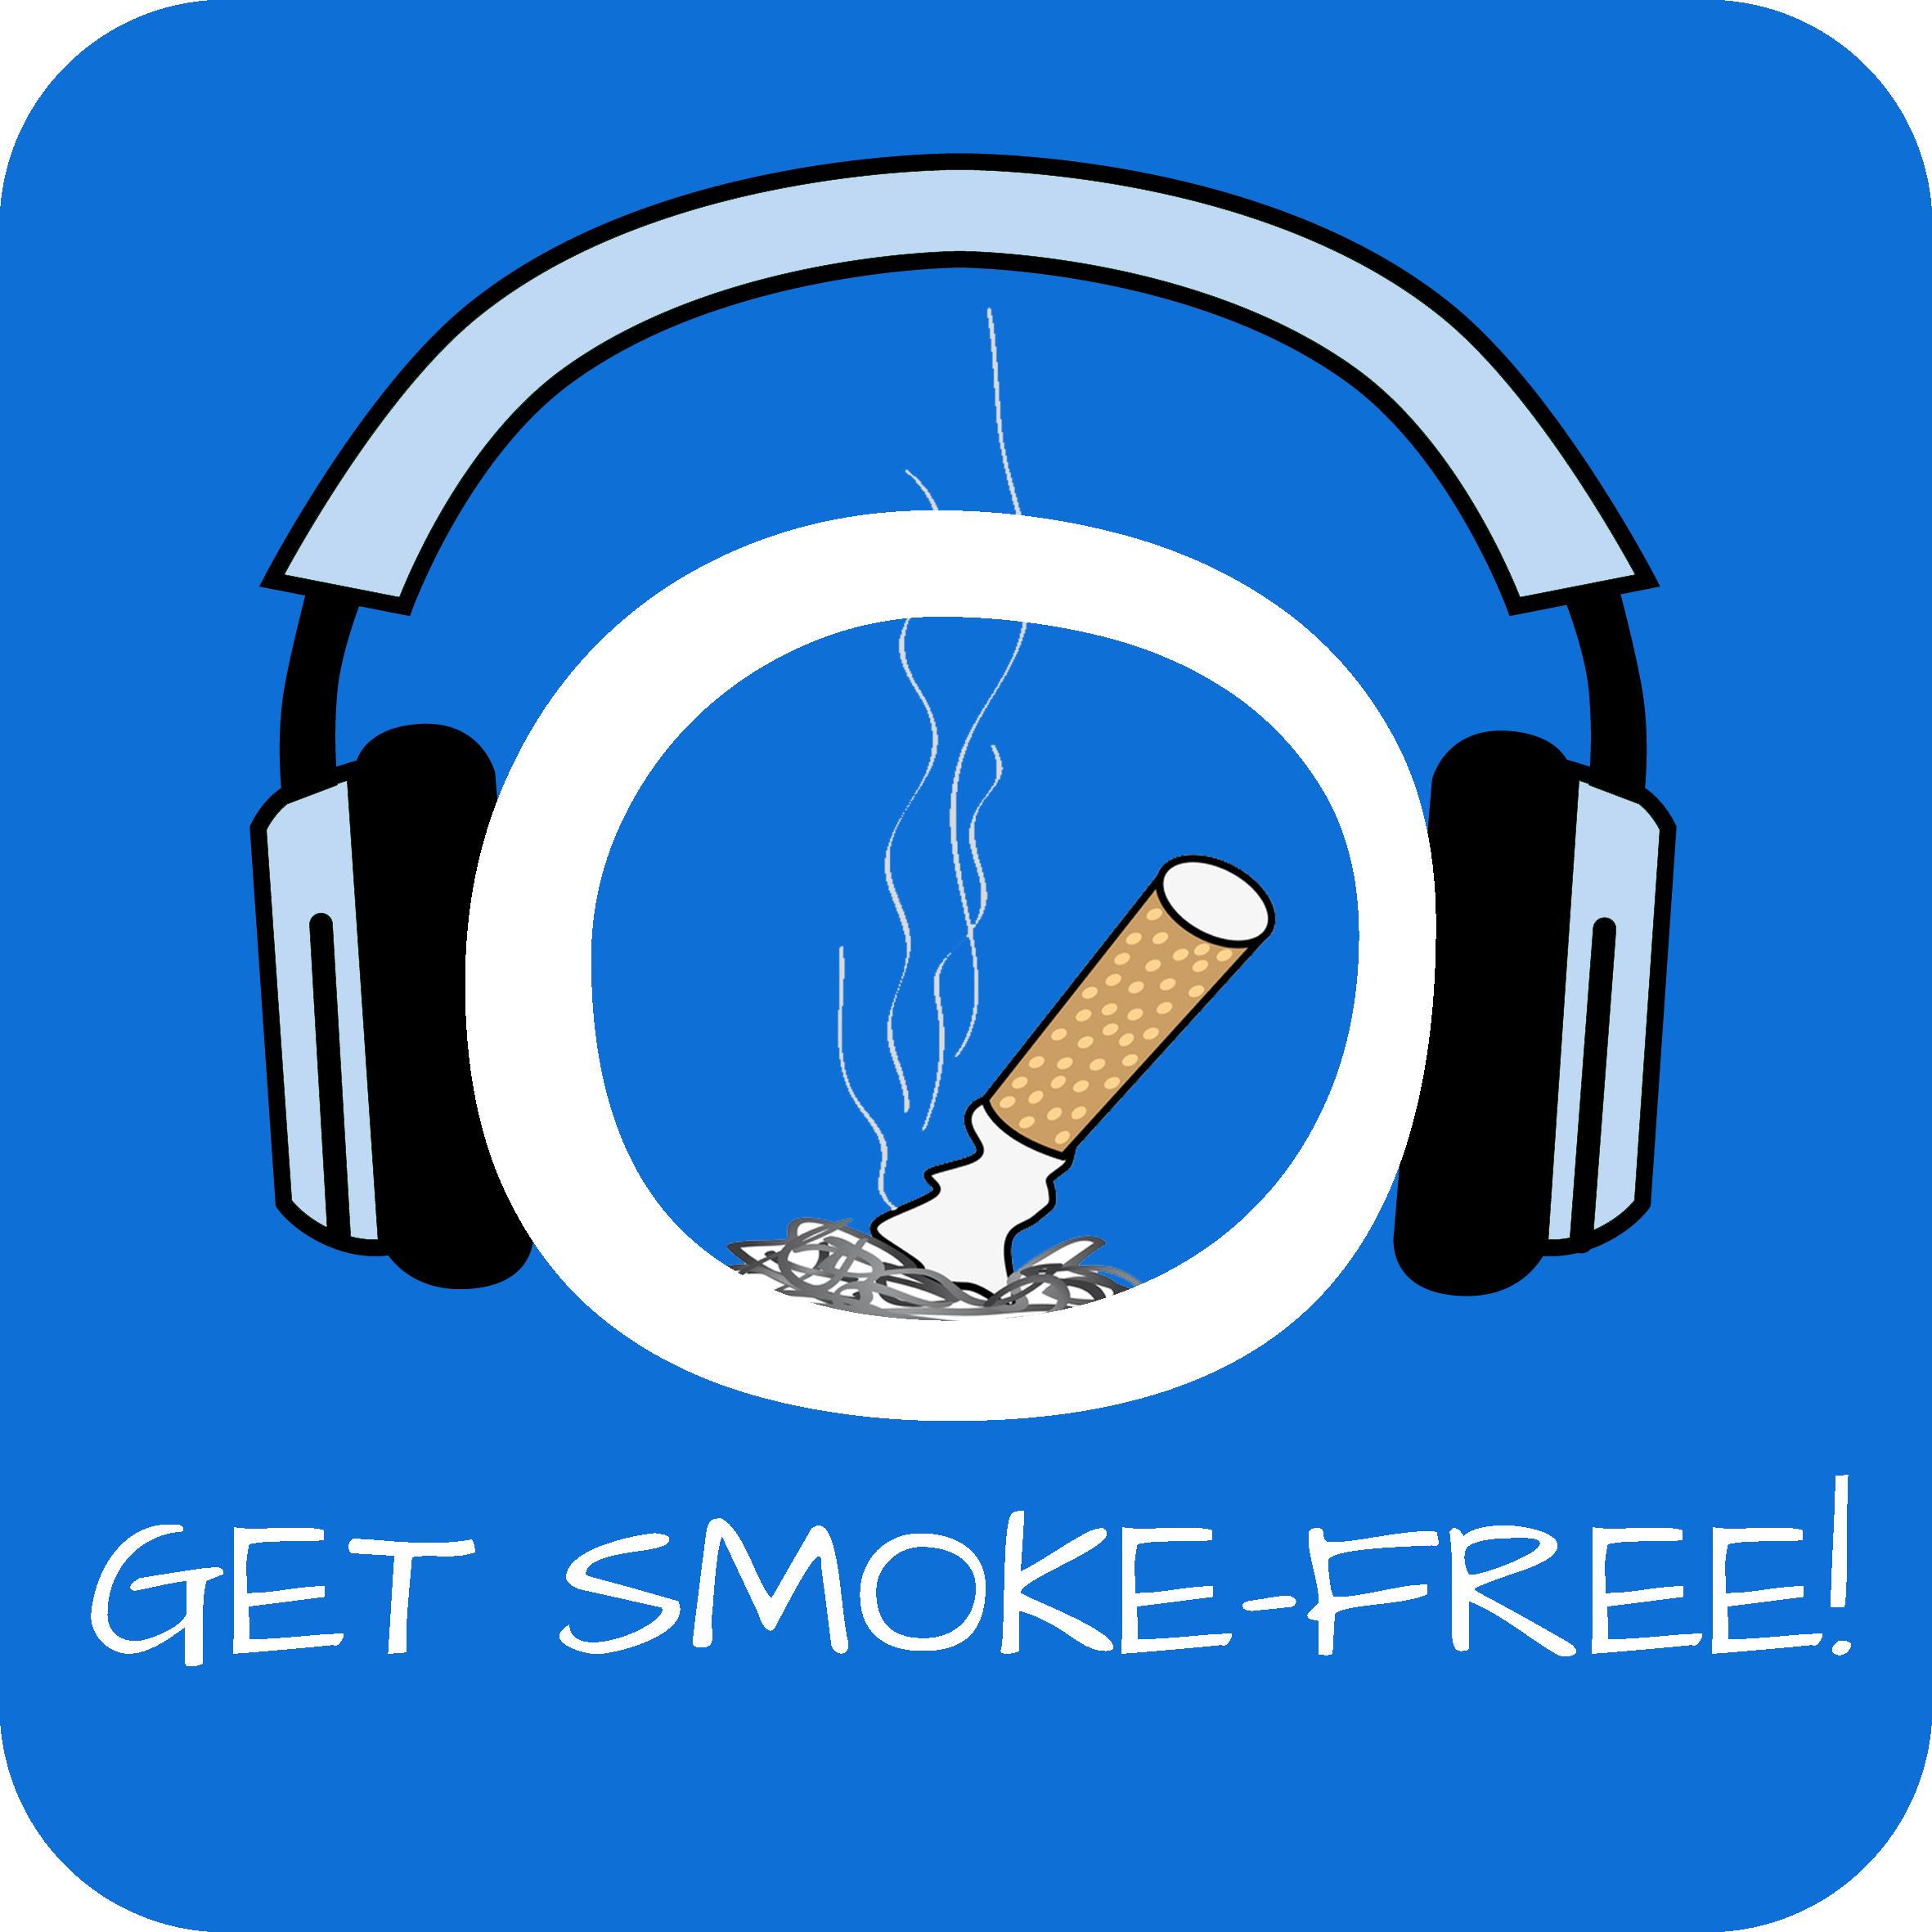 Effektiv mit medizinischer unterstutzung mit dem rauchen aufhoren